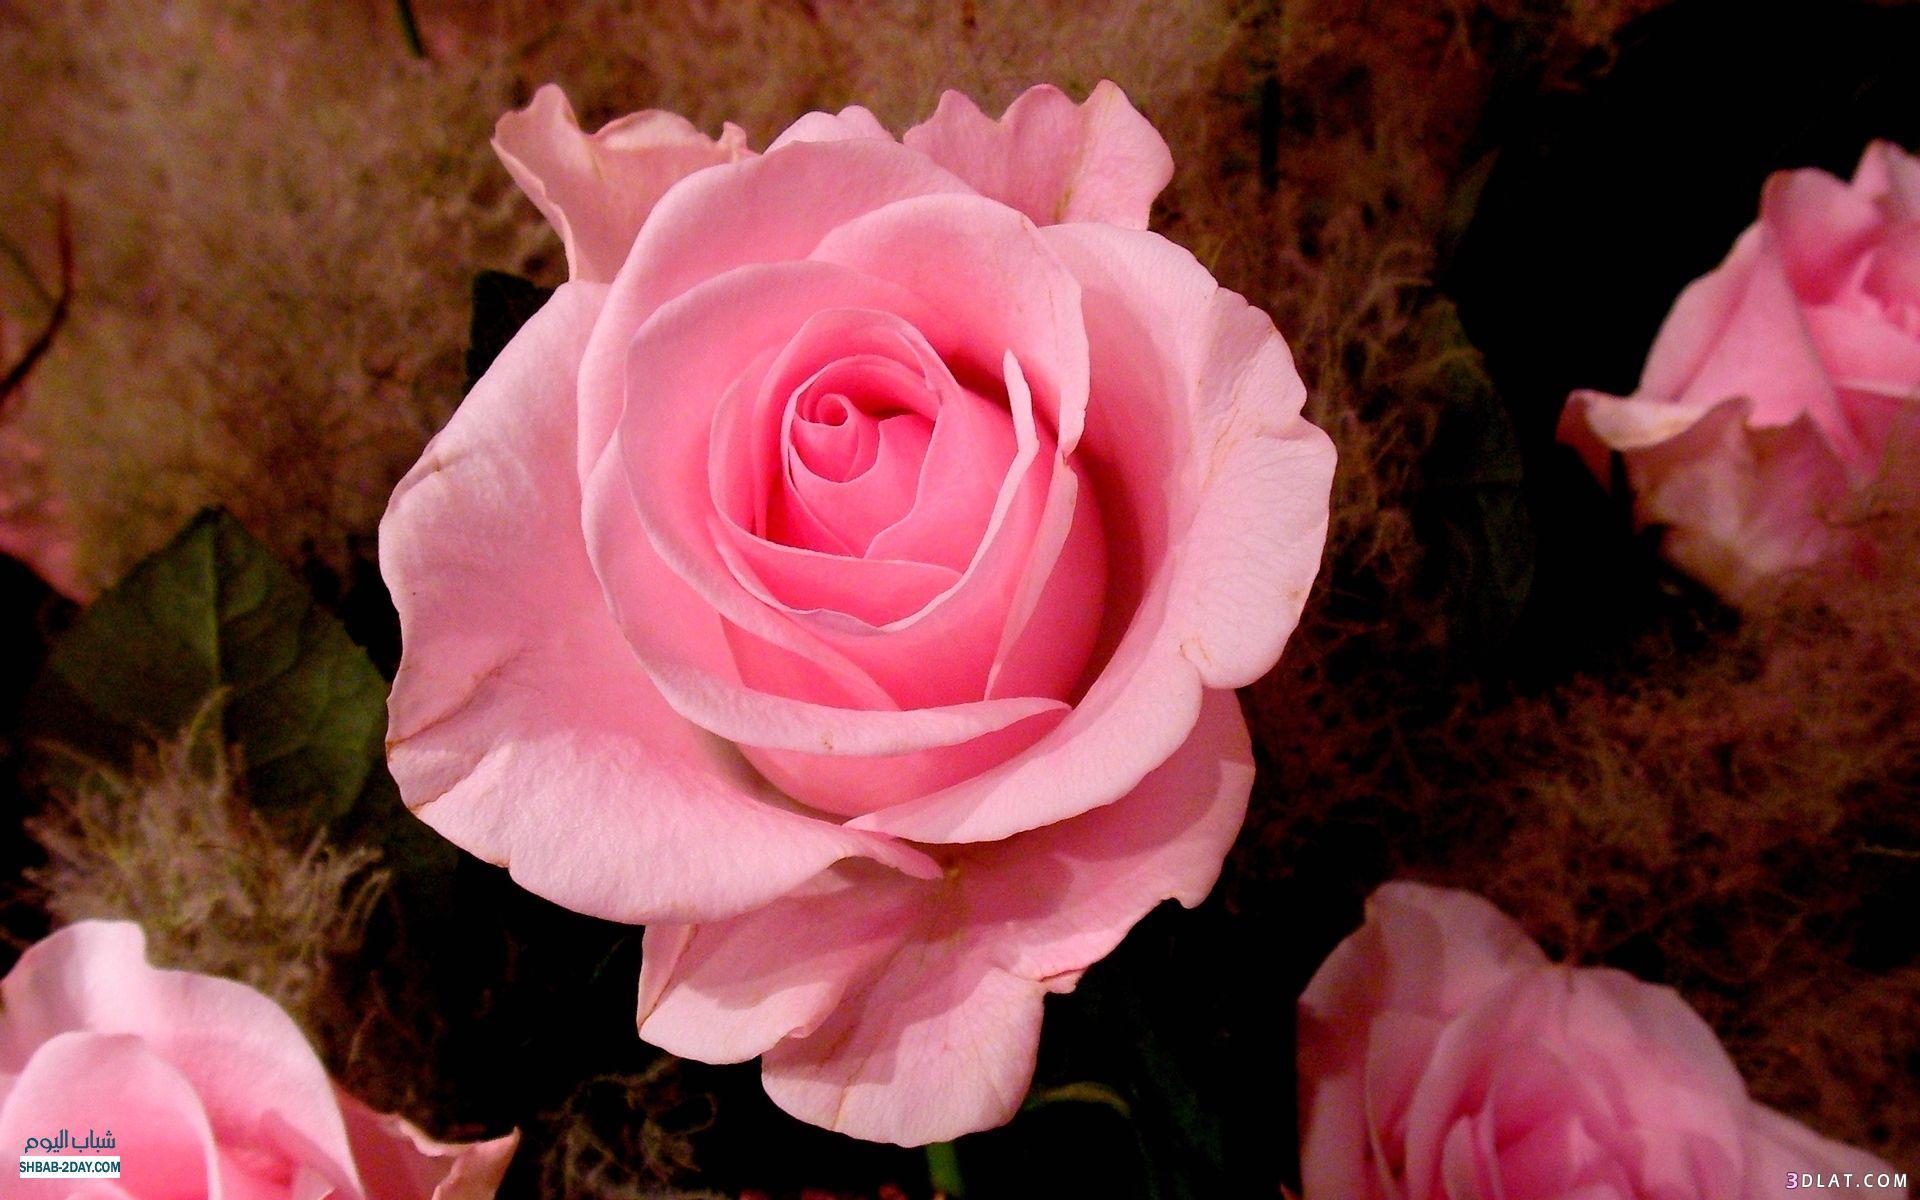 بالصور حكم عن الورد , اجمل كلام عن الورد 1866 5